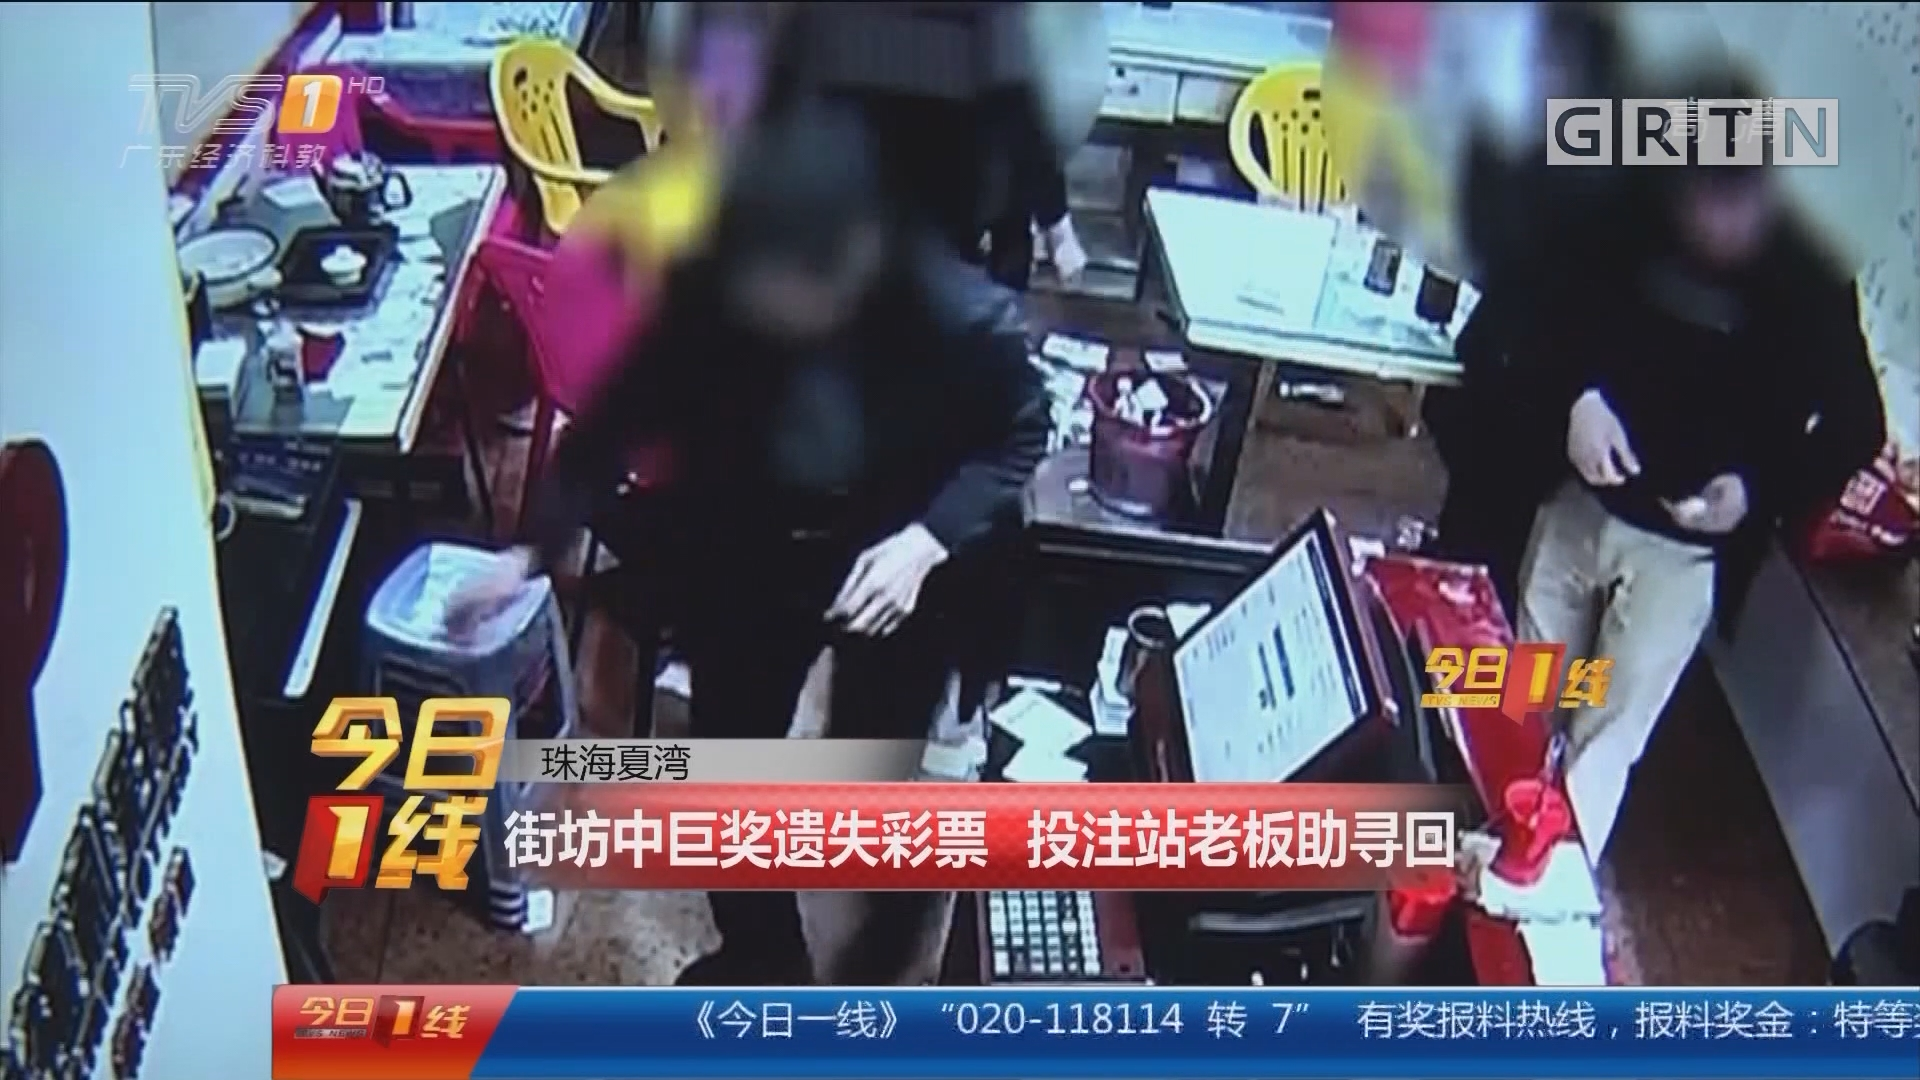 珠海夏湾:街坊中巨奖遗失彩票 投注站老板助寻回